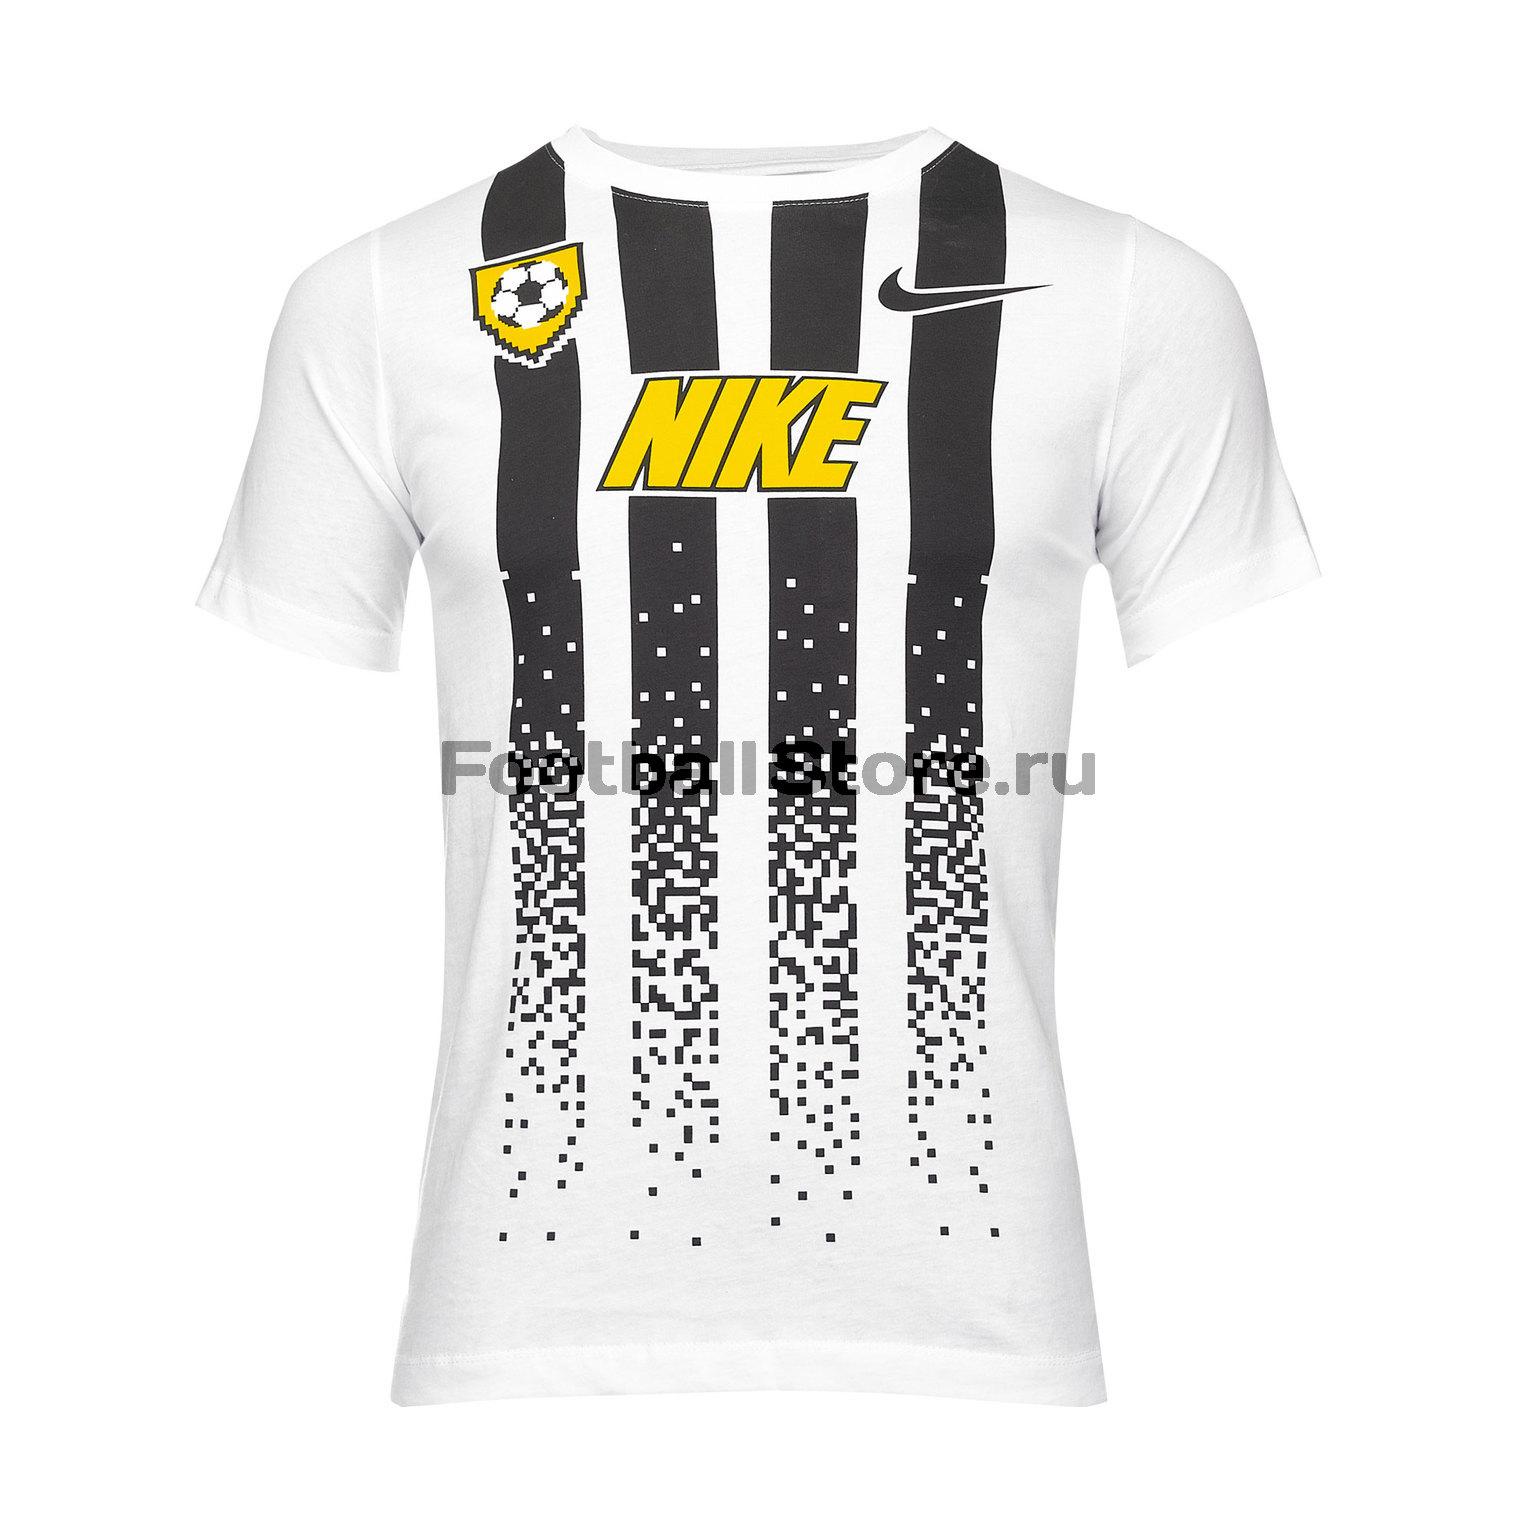 Футболка подростковая Nike Tee Soccer Jersey BQ2669-100 футболка подростковая nike team club blend tee 658494 451